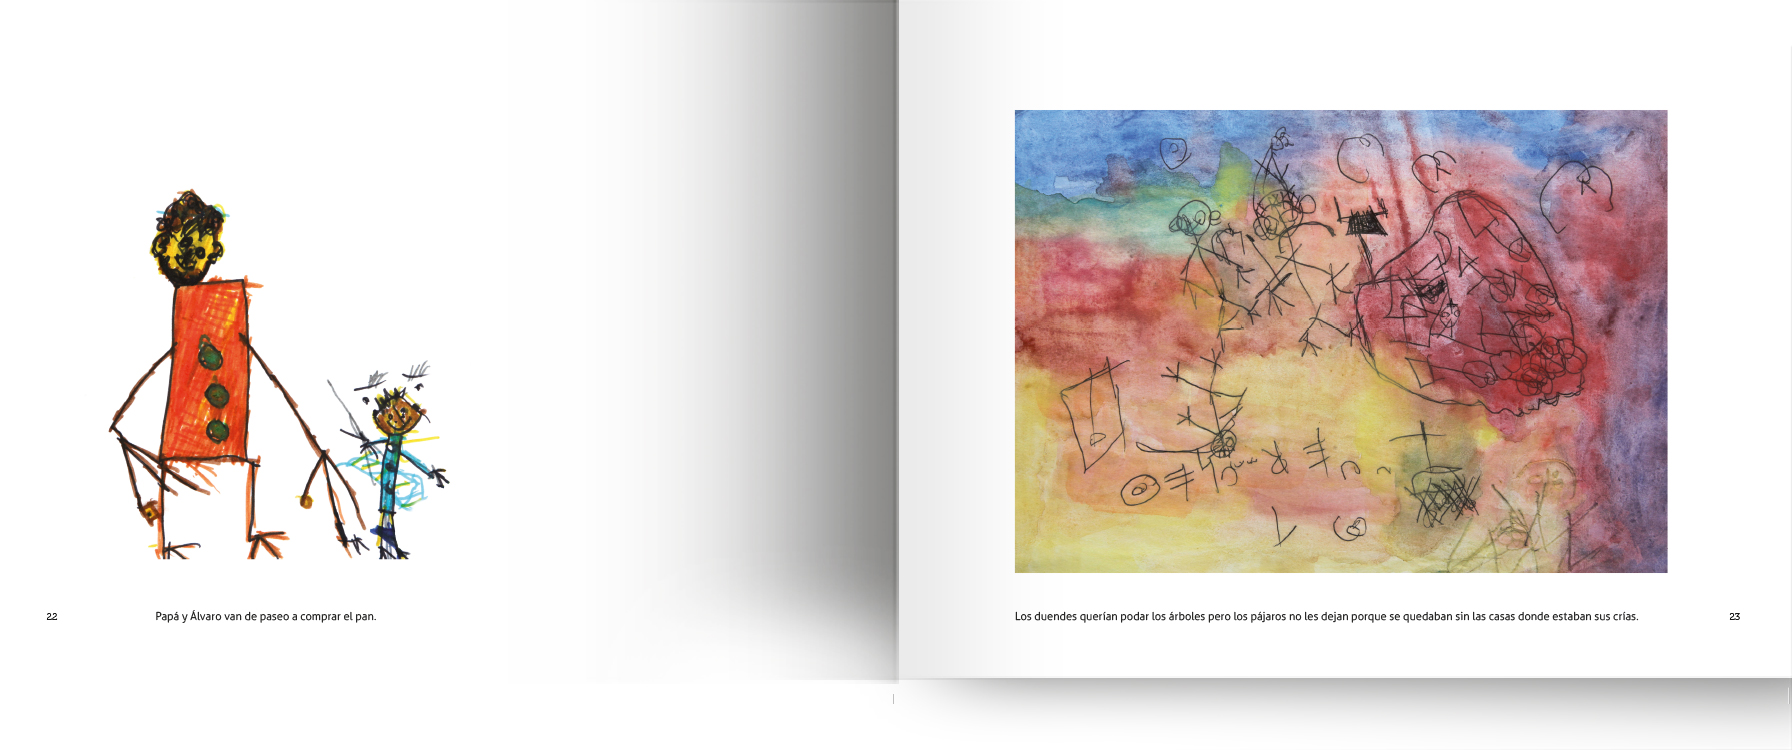 La-cabeza-del-rinoceronte-libro-de-arte-y-diversidad-funcional-7